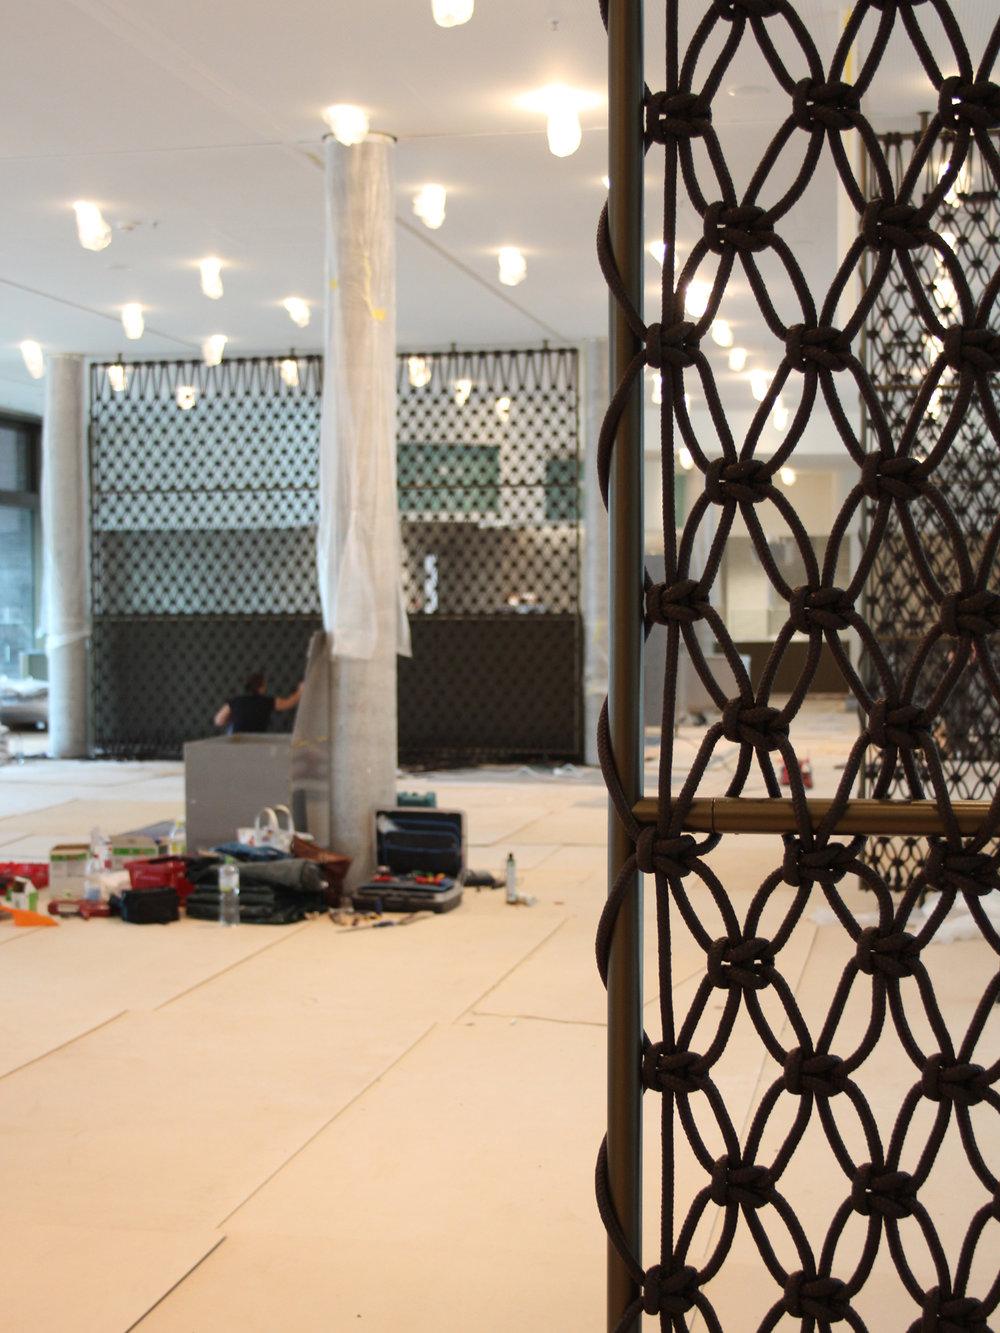 Detail Raumtrenner, Raumteiler Mitarbeiterrestaurant Marquard & Bahls, Hamburg